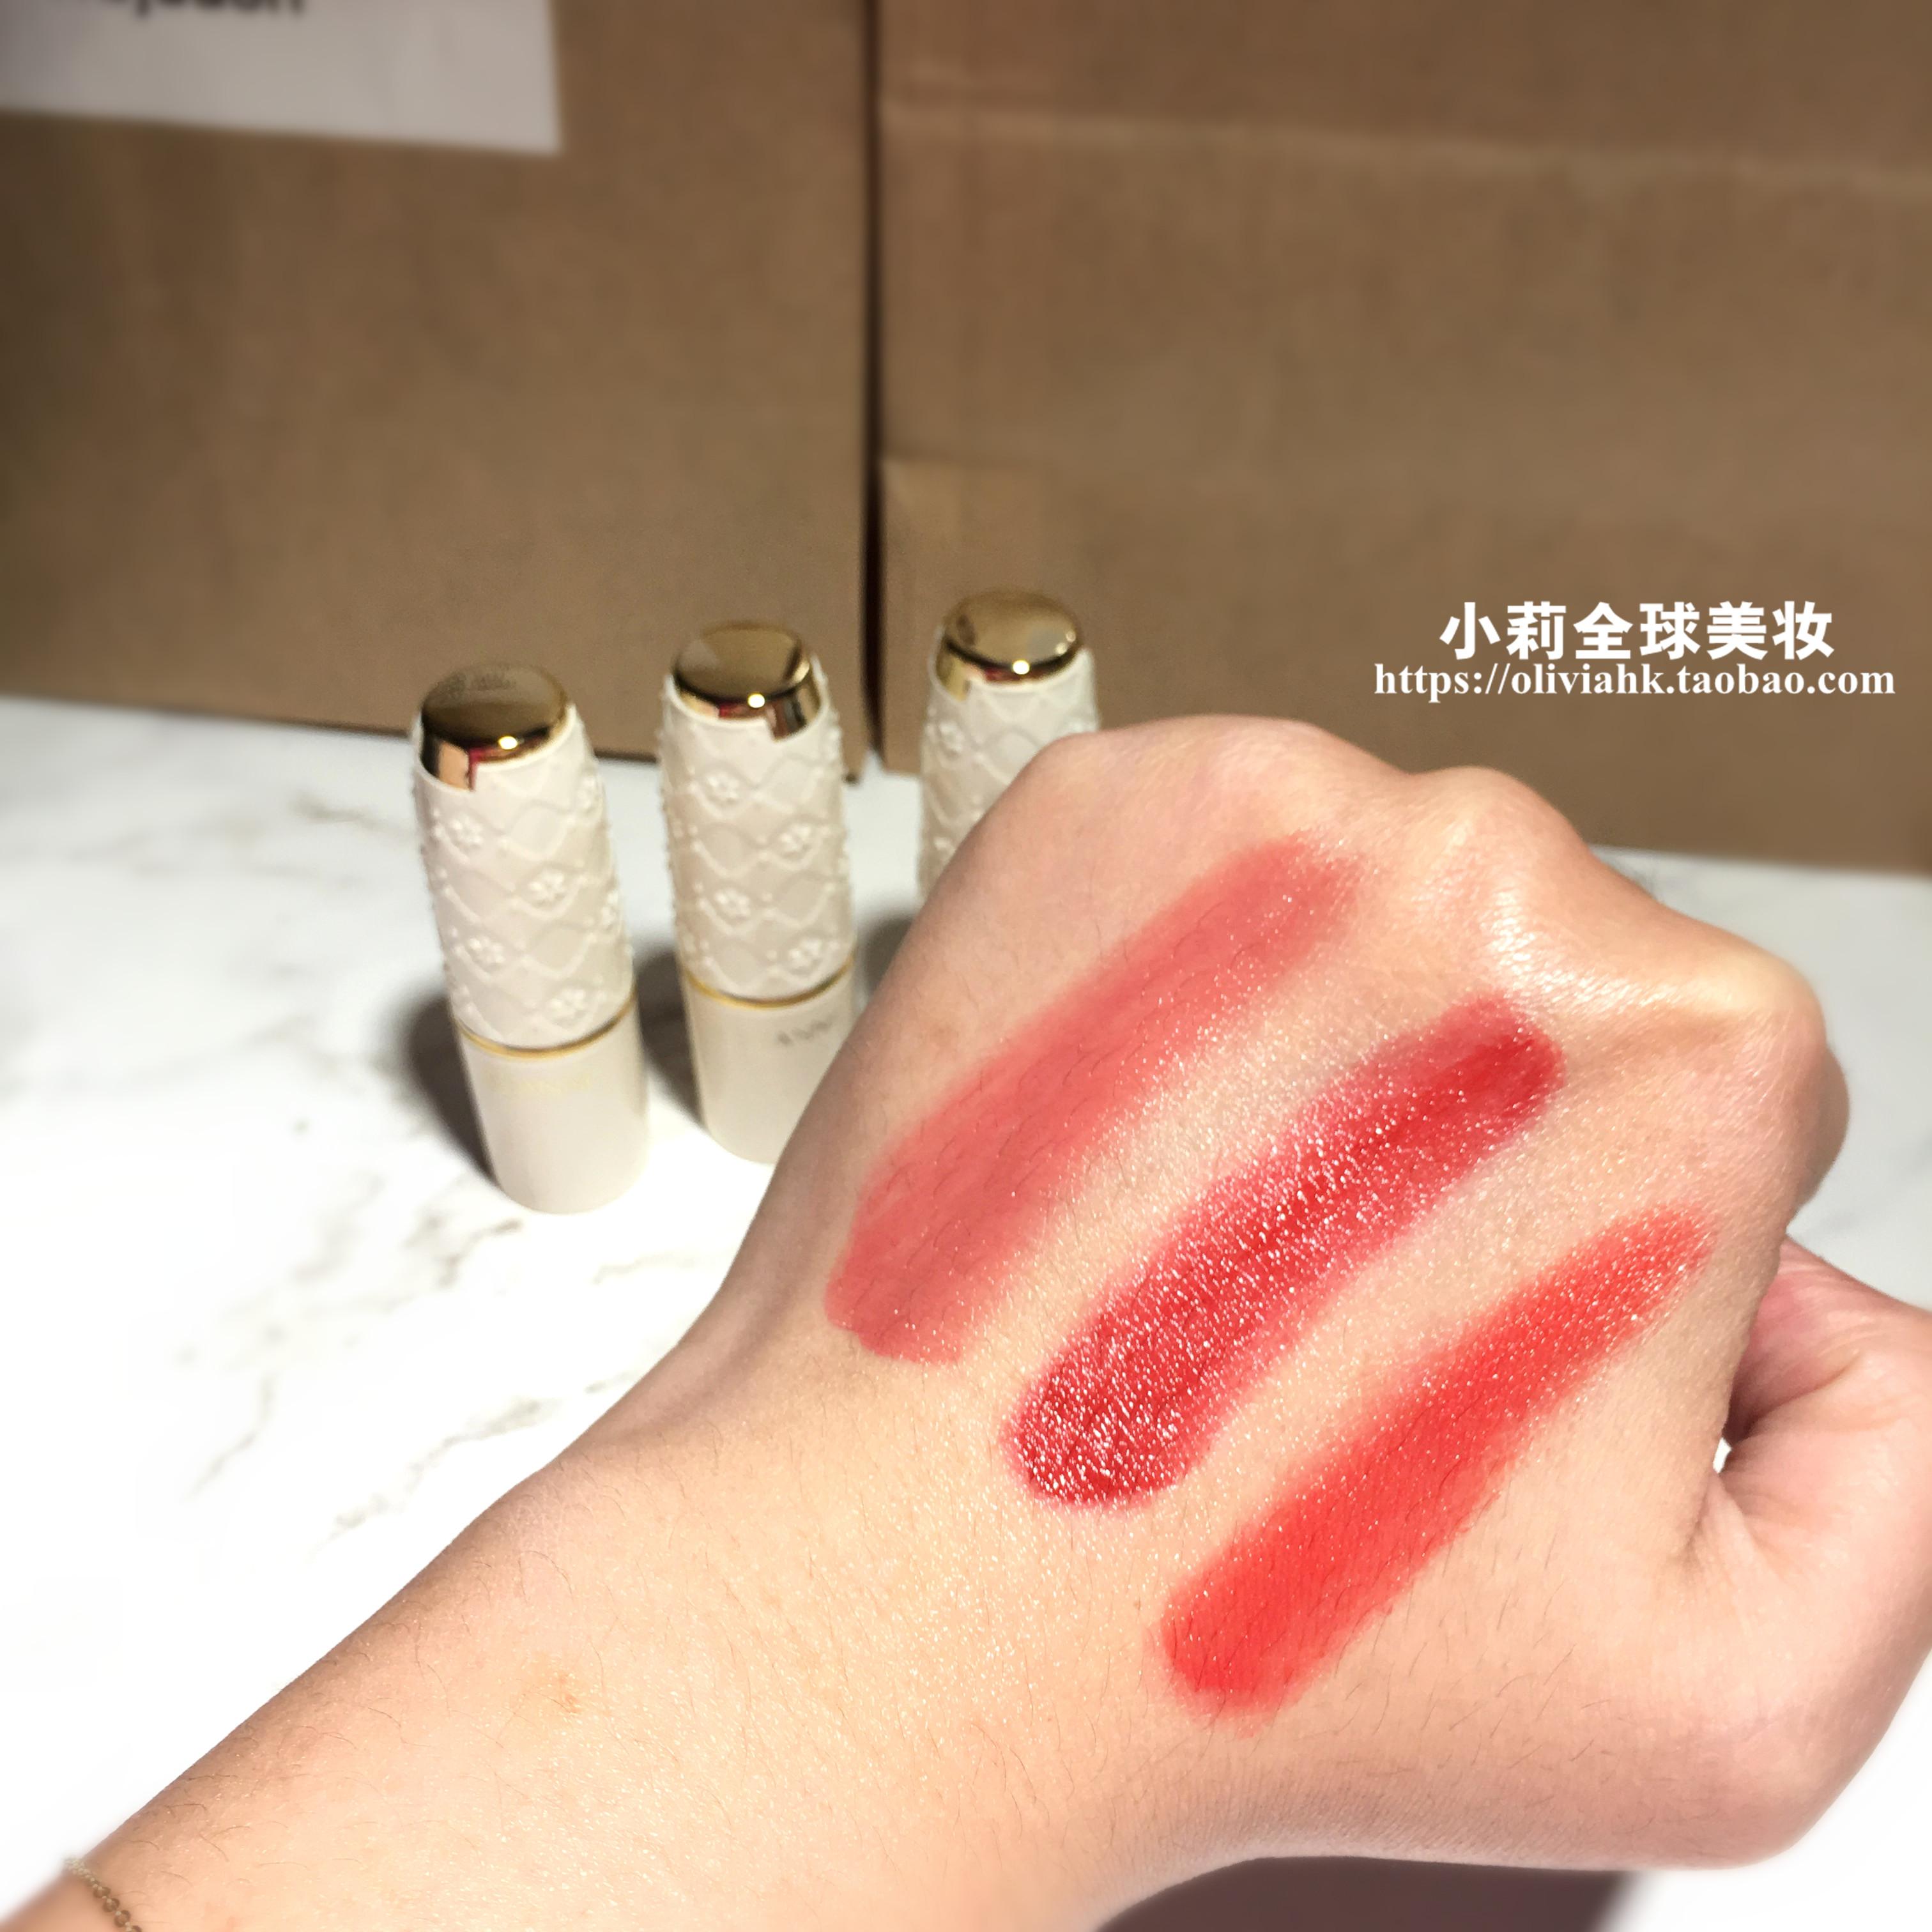 [淘寶網] 日本倩麗Cezanne口紅 倩麗潤彩脣膏 顯色防水口紅 磚紅豆沙紅多色